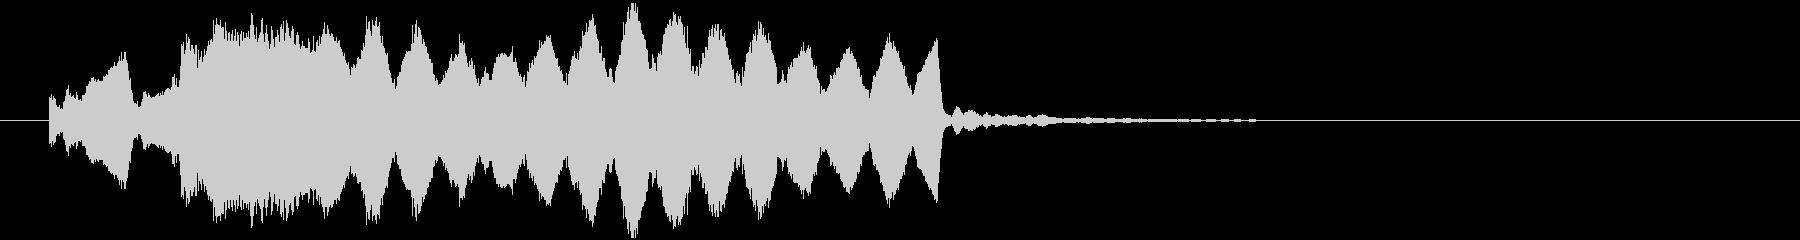 正月番組に合う和風ジングルの未再生の波形